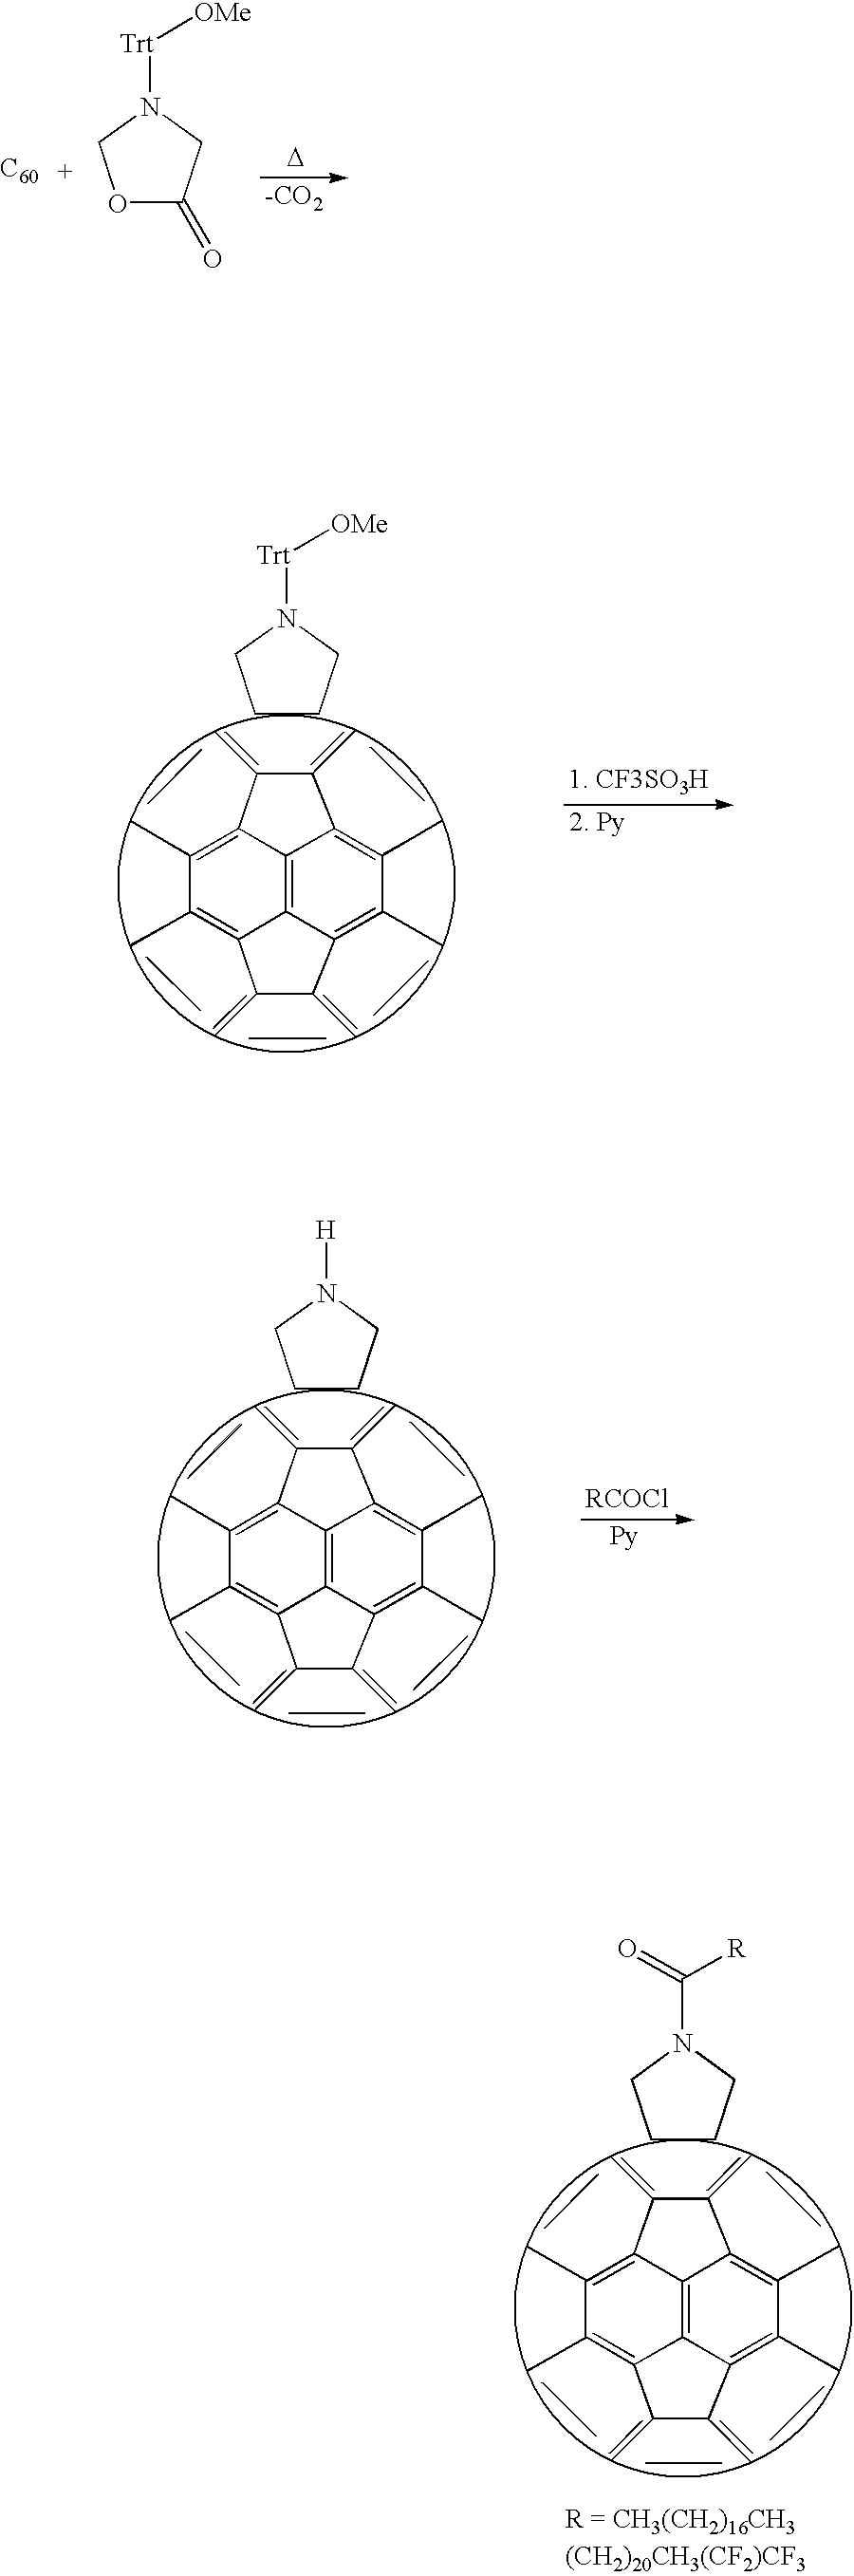 Figure US06448412-20020910-C00010